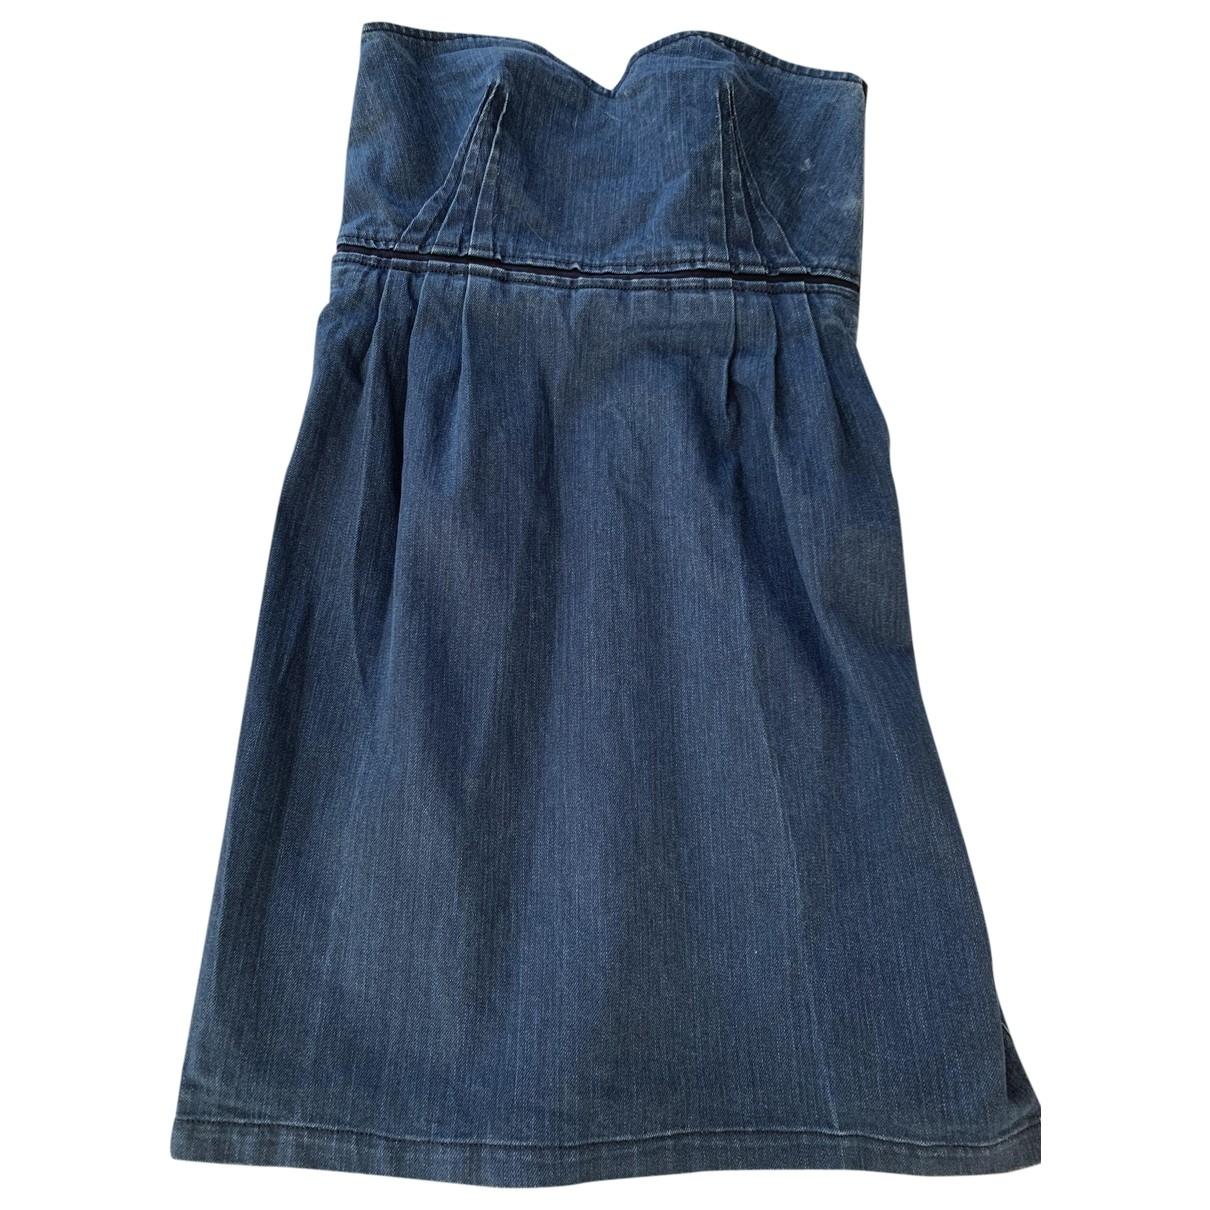 Lanvin \N Kleid in  Blau Denim - Jeans